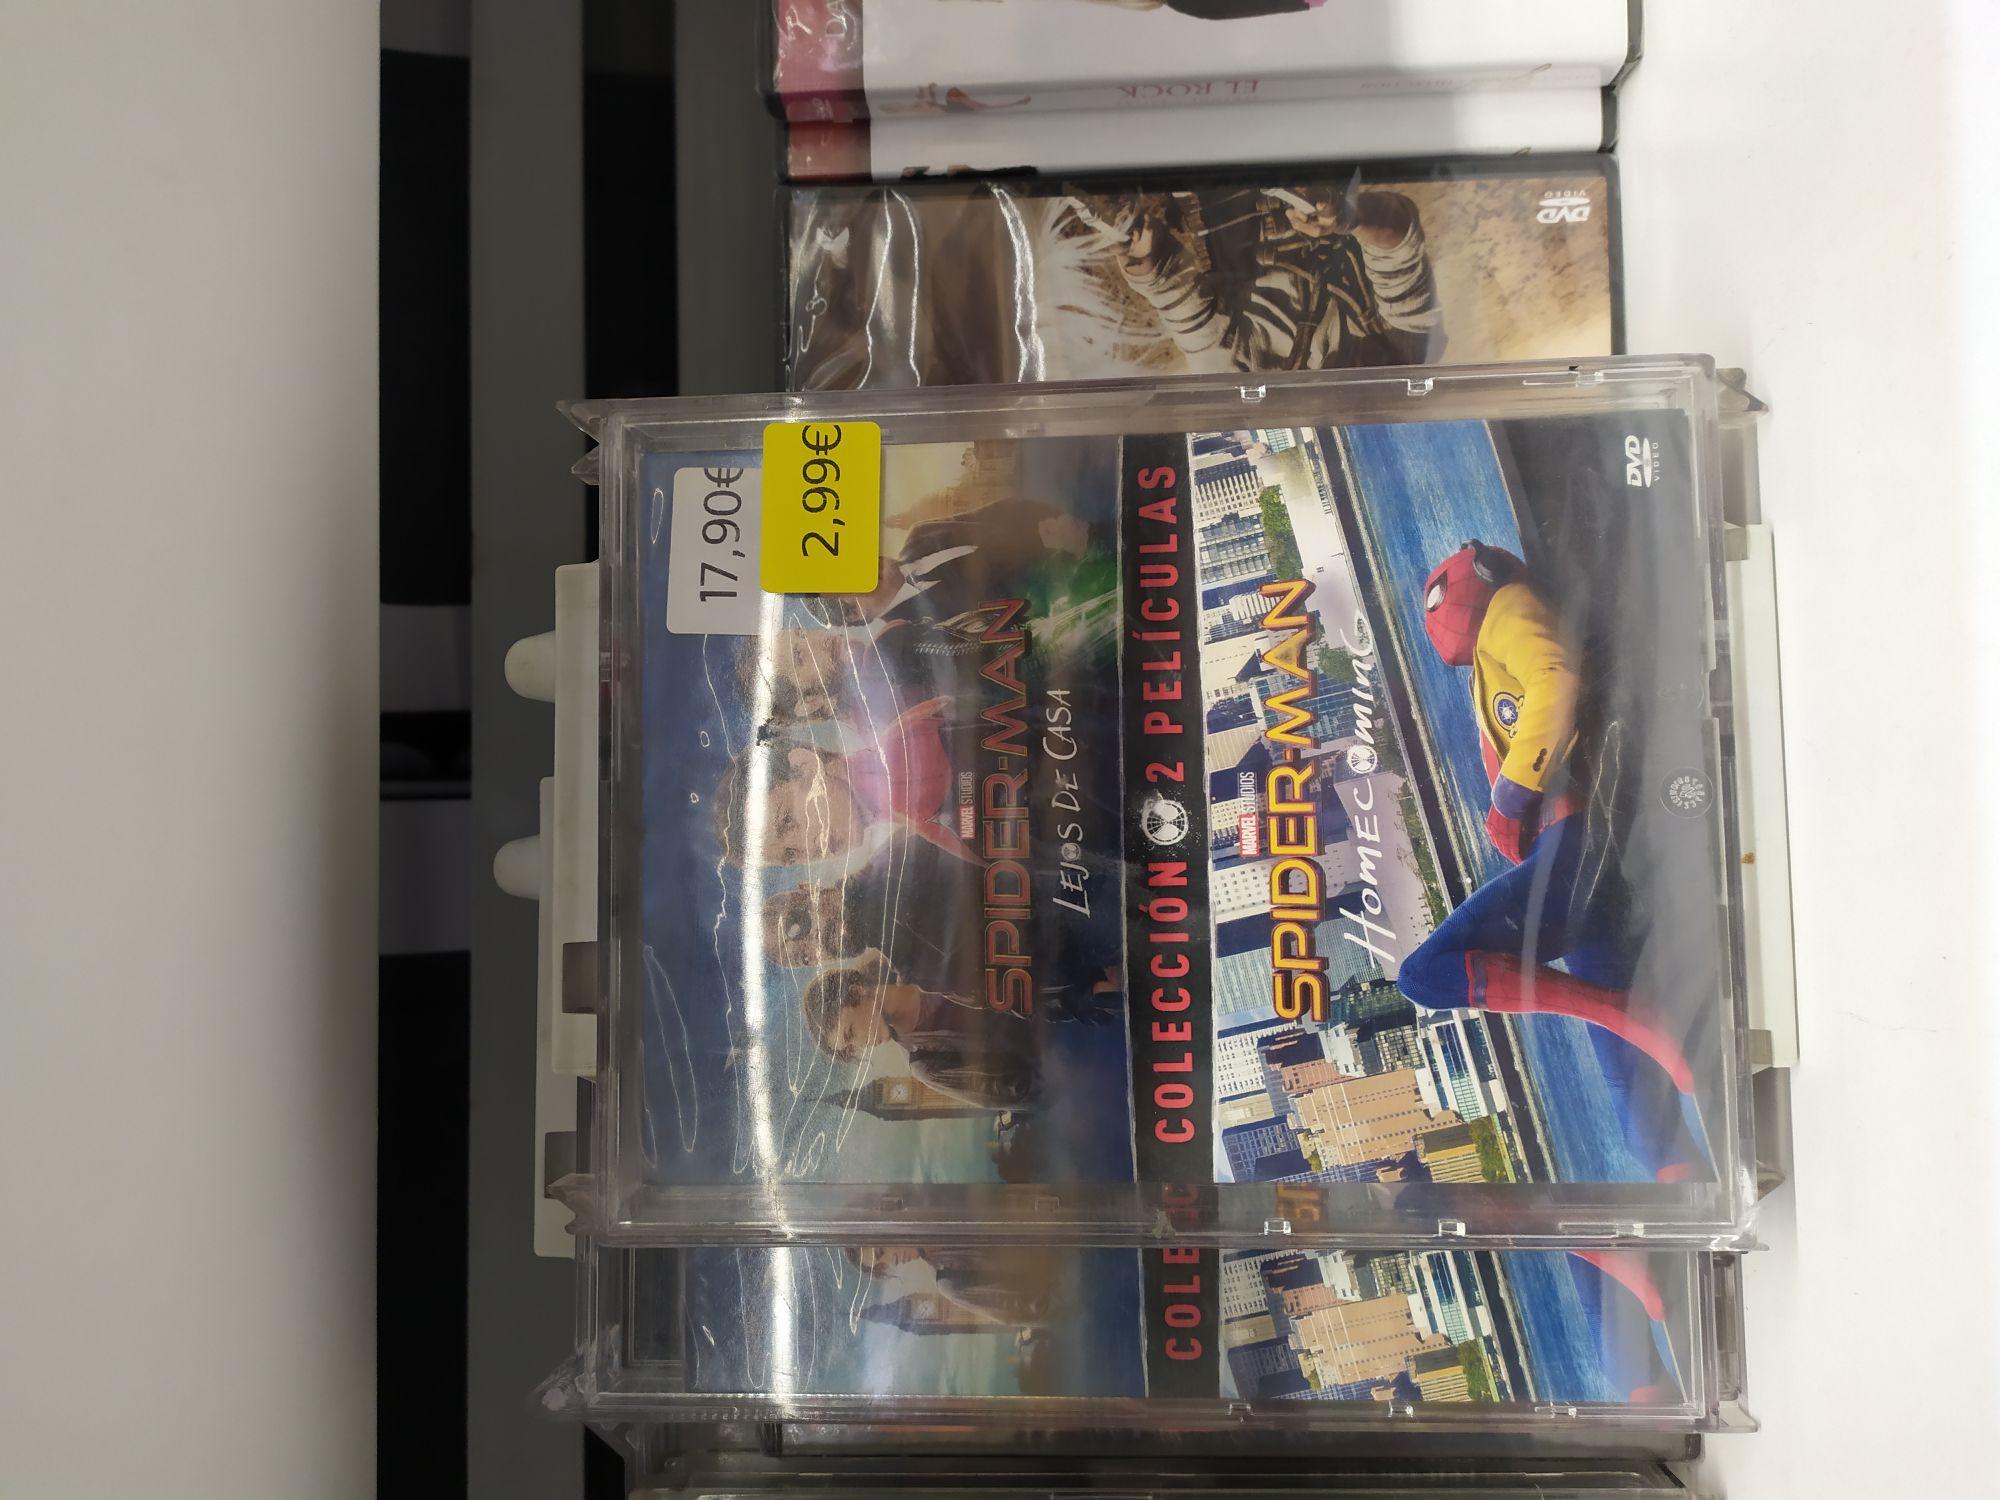 DVD a 2,99 (Carrefour el Puerto de Santa María)